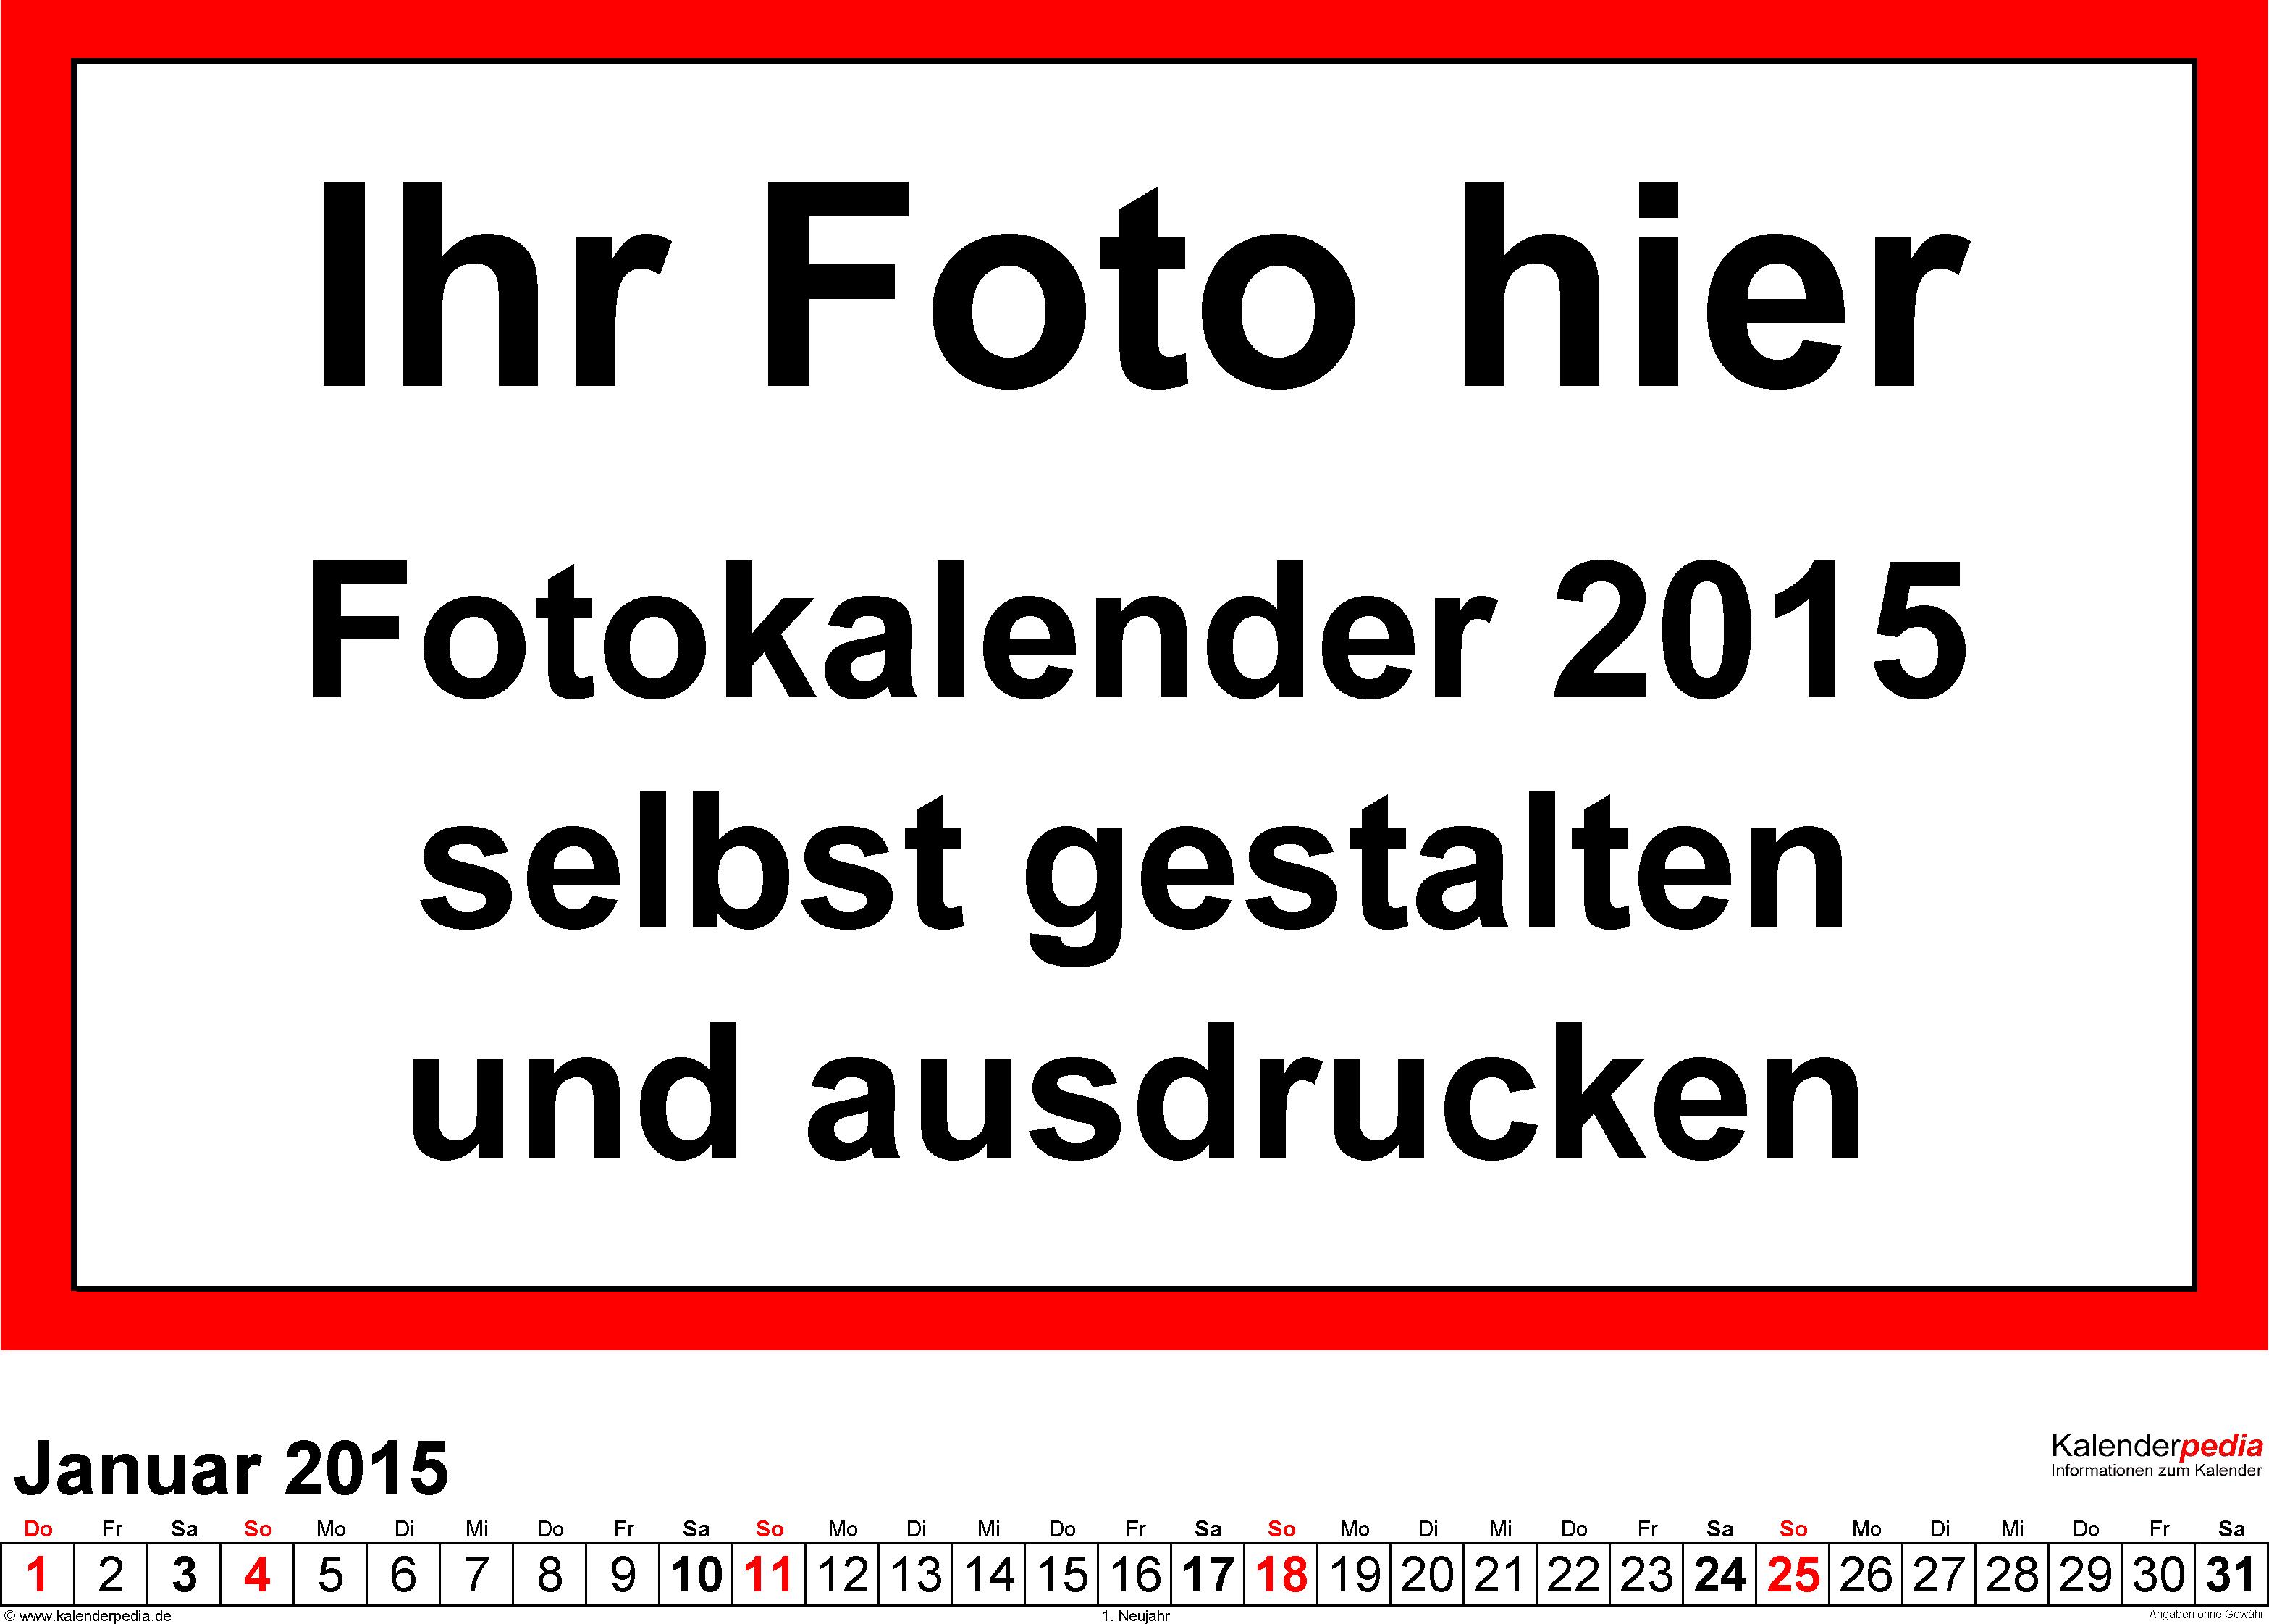 Vorlage 5: Excel-Vorlage für Fotokalender 2015 (Querformat)